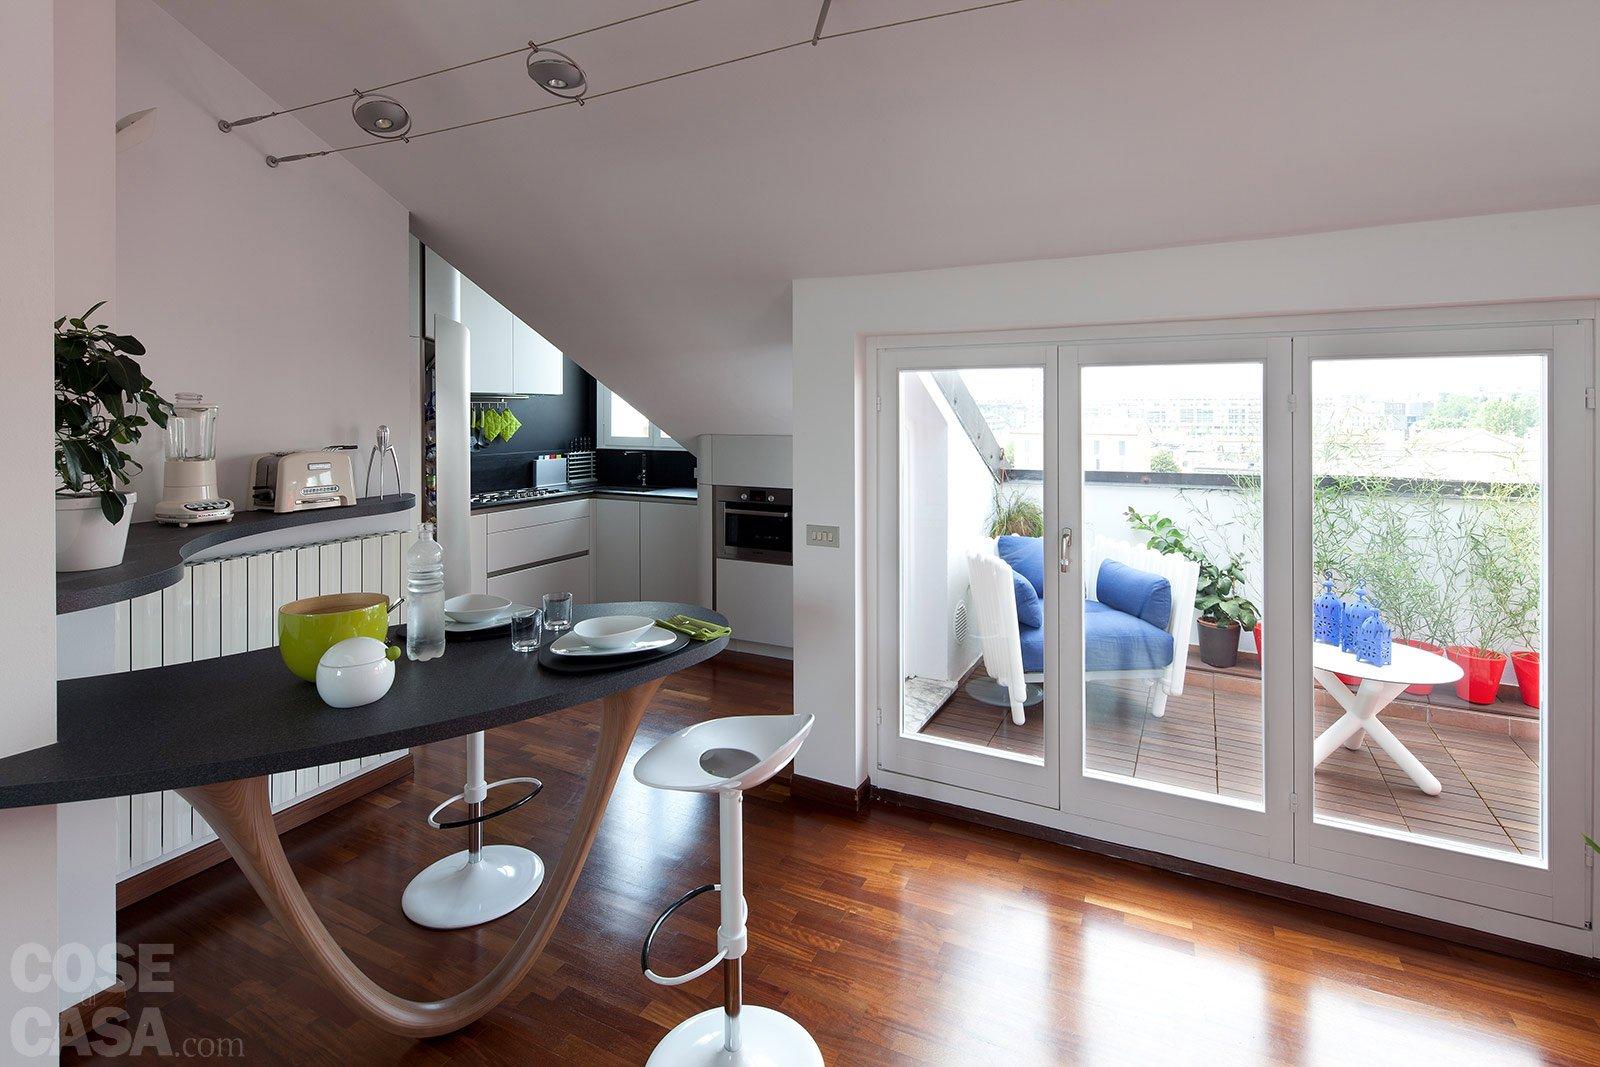 Casabook Immobiliare: 95 mq: una casa con nuovi ambienti in verticale